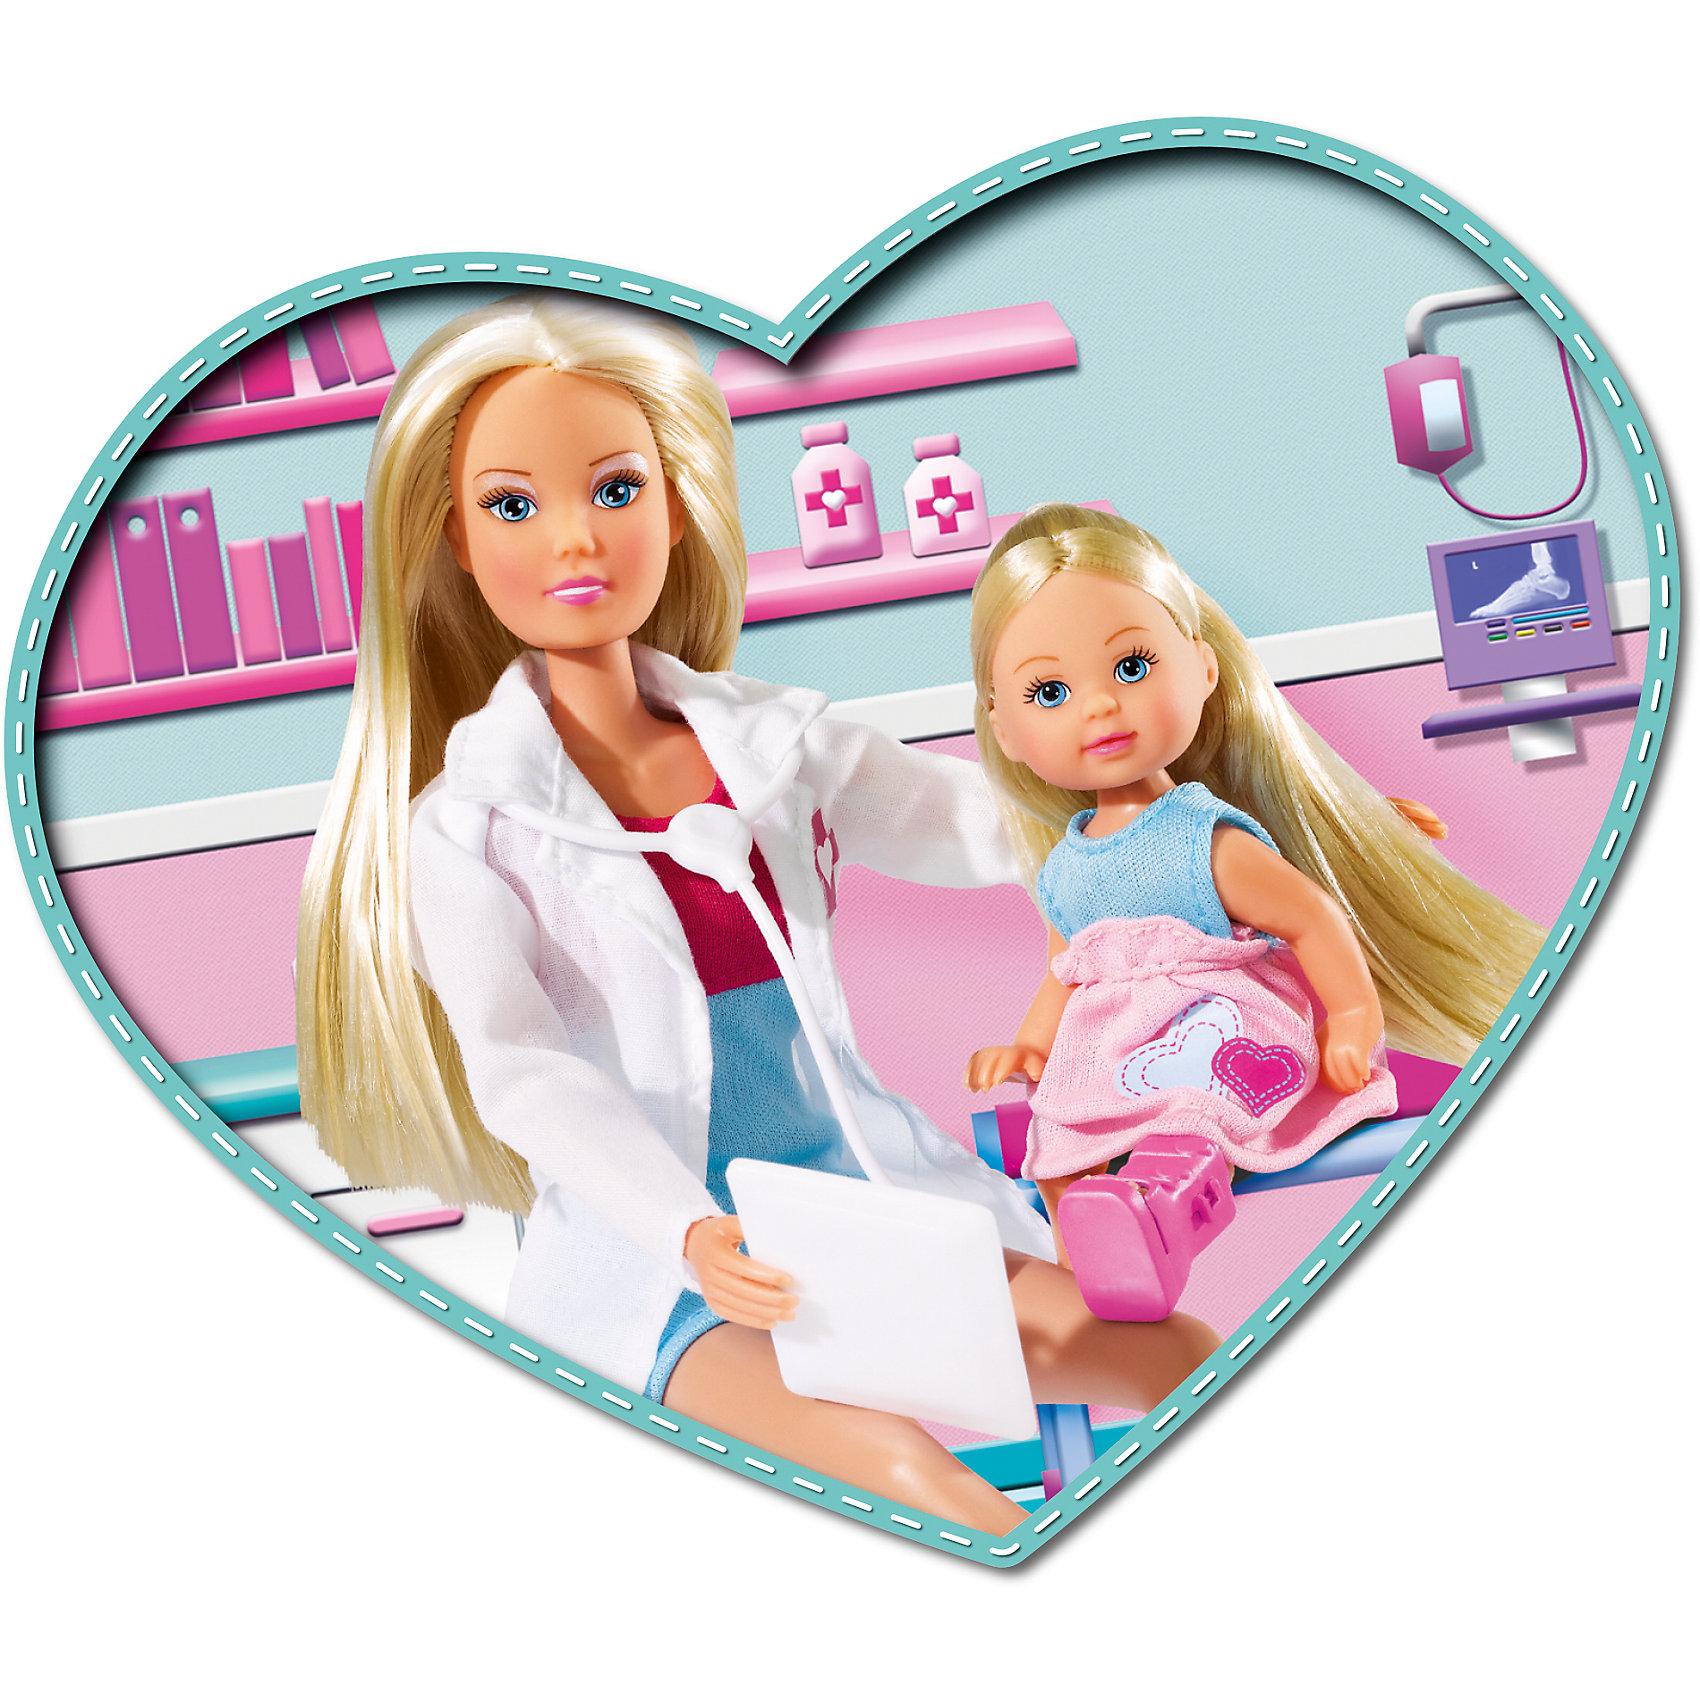 Кукла Штеффи-детский доктор и кукла  Еви, SimbaSteffi и Evi Love<br>Характеристики товара:<br><br>- цвет: разноцветный;<br>- материал: пластик, текстиль;<br>- возраст: от трех лет;<br>- комплектация: 2 куклы, одежда, аксесуары;<br>- высота кукок: 29 и 12 см.<br><br>Эта симпатичная кукла Штеффи в компании Еви от известного бренда приводит детей в восторг! Какая девочка сможет отказаться поиграть с куклами, которые дополнены такими симпатичными нарядами?! В набор входят аксессуары для игр с куклами. Игрушка очень качественно выполнена, поэтому она станет замечательным подарком ребенку. <br>Продается набор в красивой удобной упаковке. Игры с куклами помогают девочкам развить важные навыки и отработать модели социального взаимодействия. Изделие произведено из высококачественного материала, безопасного для детей.<br><br>Куклу Штеффи-детский доктор + кукла Еви, 29 см, от бренда Simba можно купить в нашем интернет-магазине.<br><br>Ширина мм: 329<br>Глубина мм: 161<br>Высота мм: 54<br>Вес г: 301<br>Возраст от месяцев: 36<br>Возраст до месяцев: 72<br>Пол: Женский<br>Возраст: Детский<br>SKU: 3587289